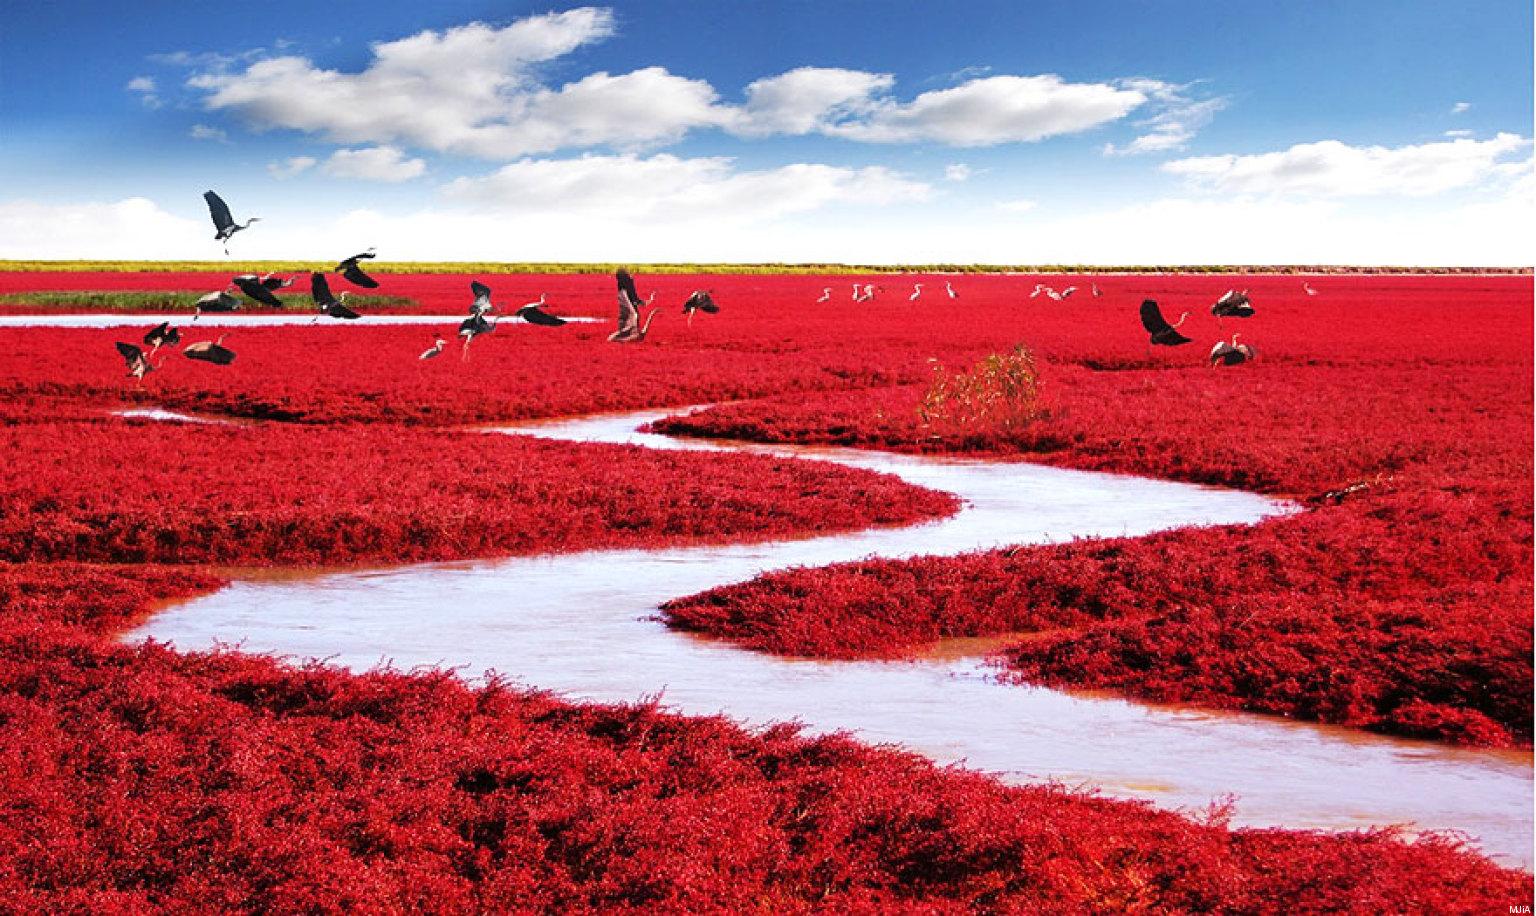 نتيجة بحث الصور عن تواجد شاطئ في الصين، وهو يعتبر من أغرب الظواهر الطبيعية